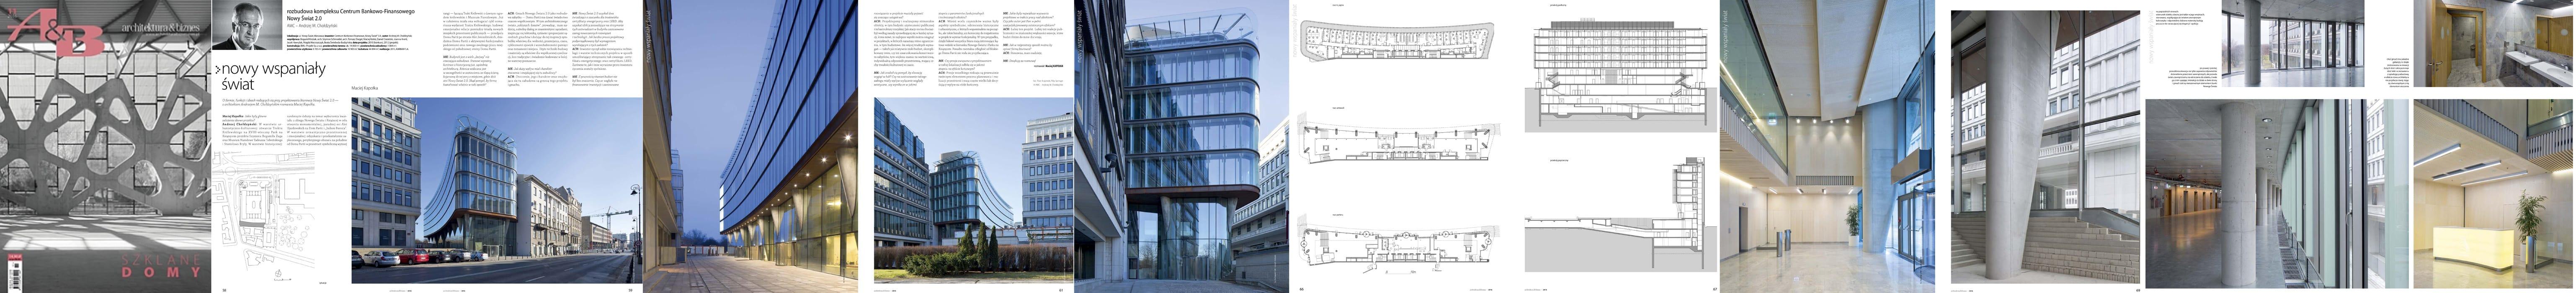 Architektura&Biznes 11/2016